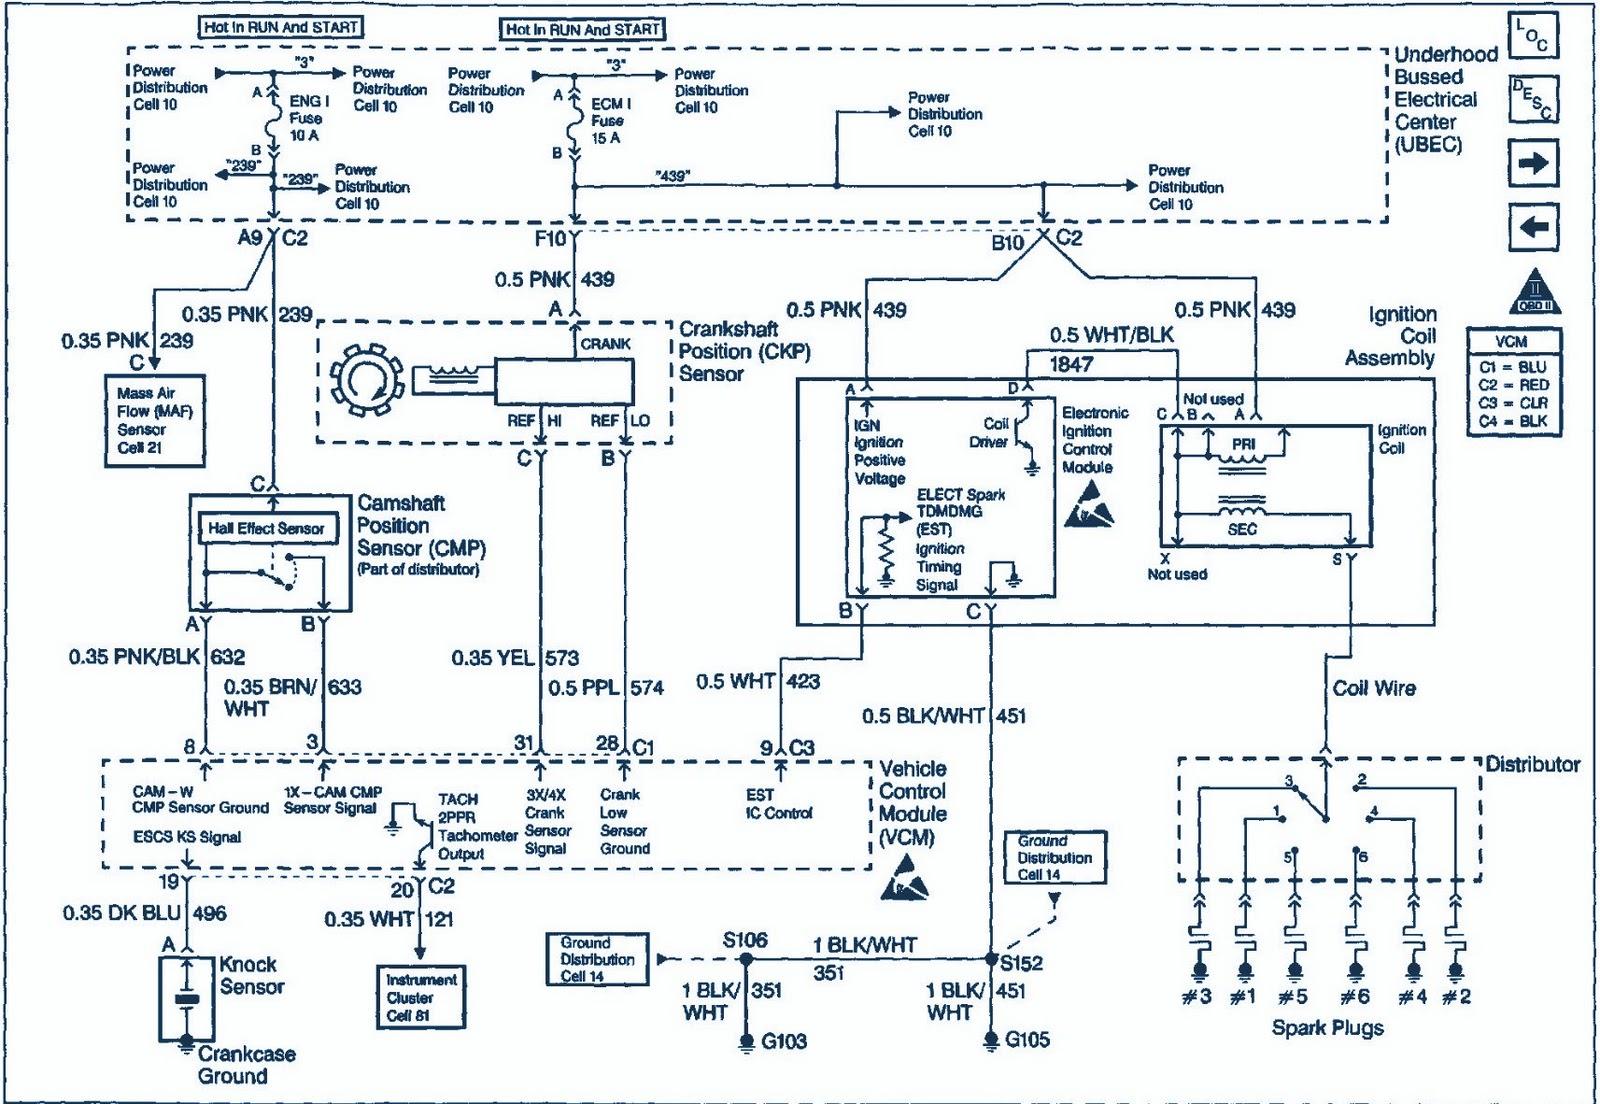 Toyota Rav4 Wiring Diagram Stereo : Toyota rav radio wiring diagram somurich